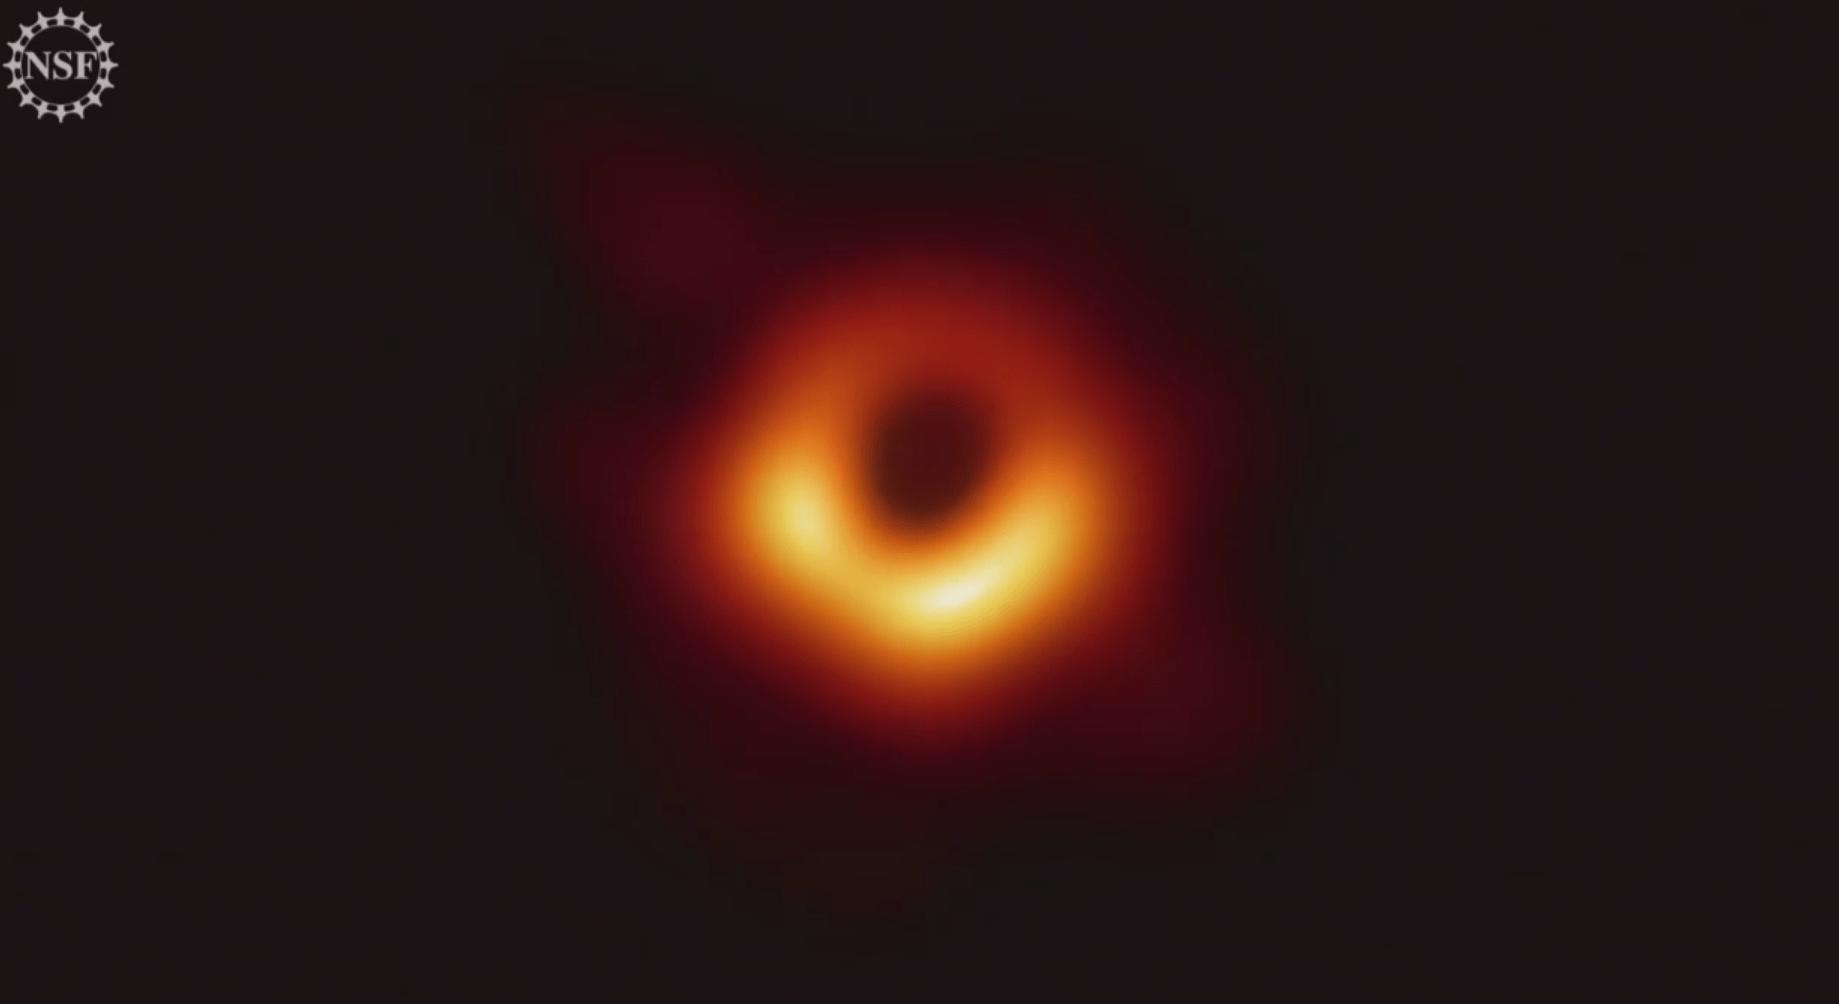 Астрофизики получили первое изображение чёрной дыры